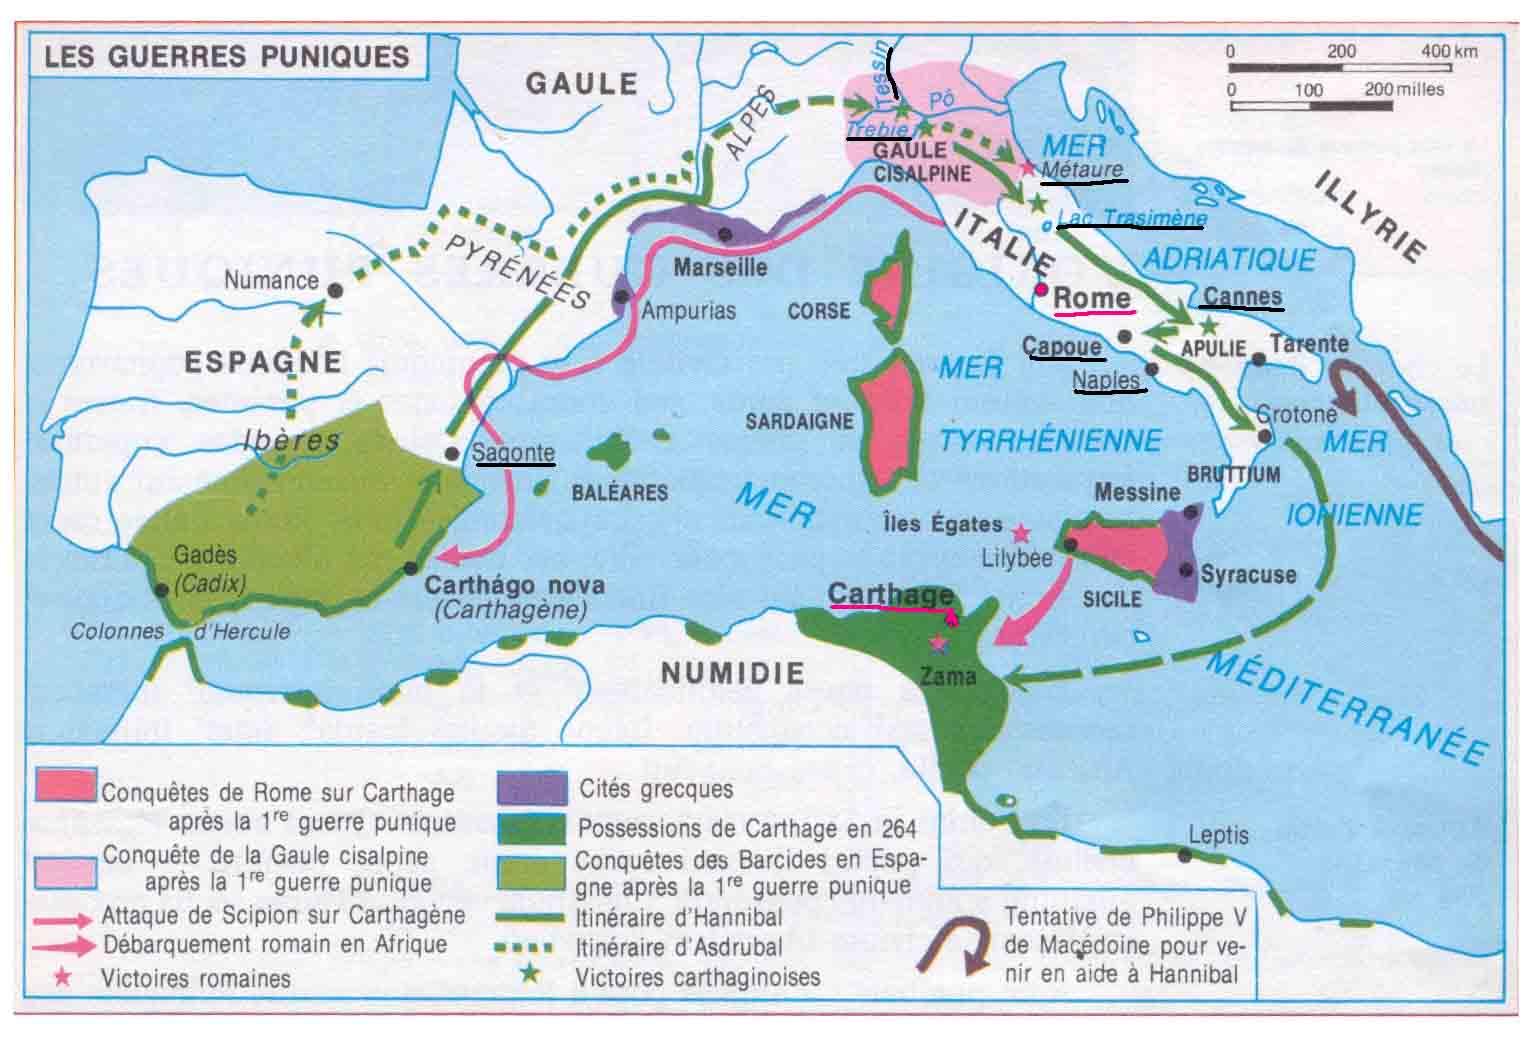 Les guerres Puniques entre Rome et Carthage